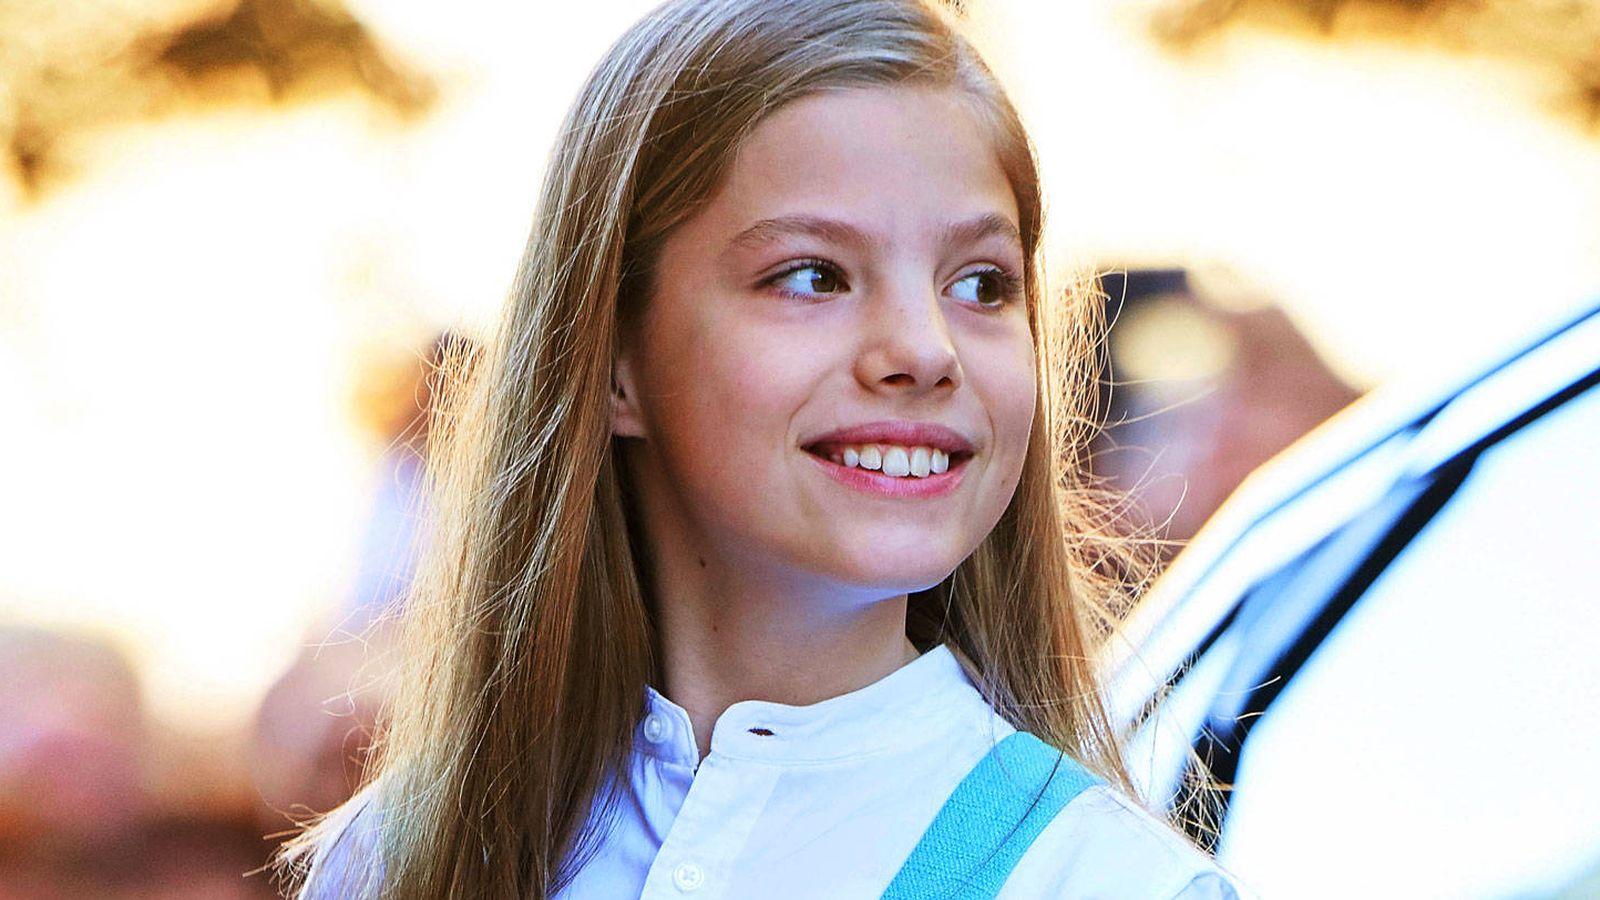 Familia Real Espanola La Infanta Sofia Cumple 11 Anos Y No No Es